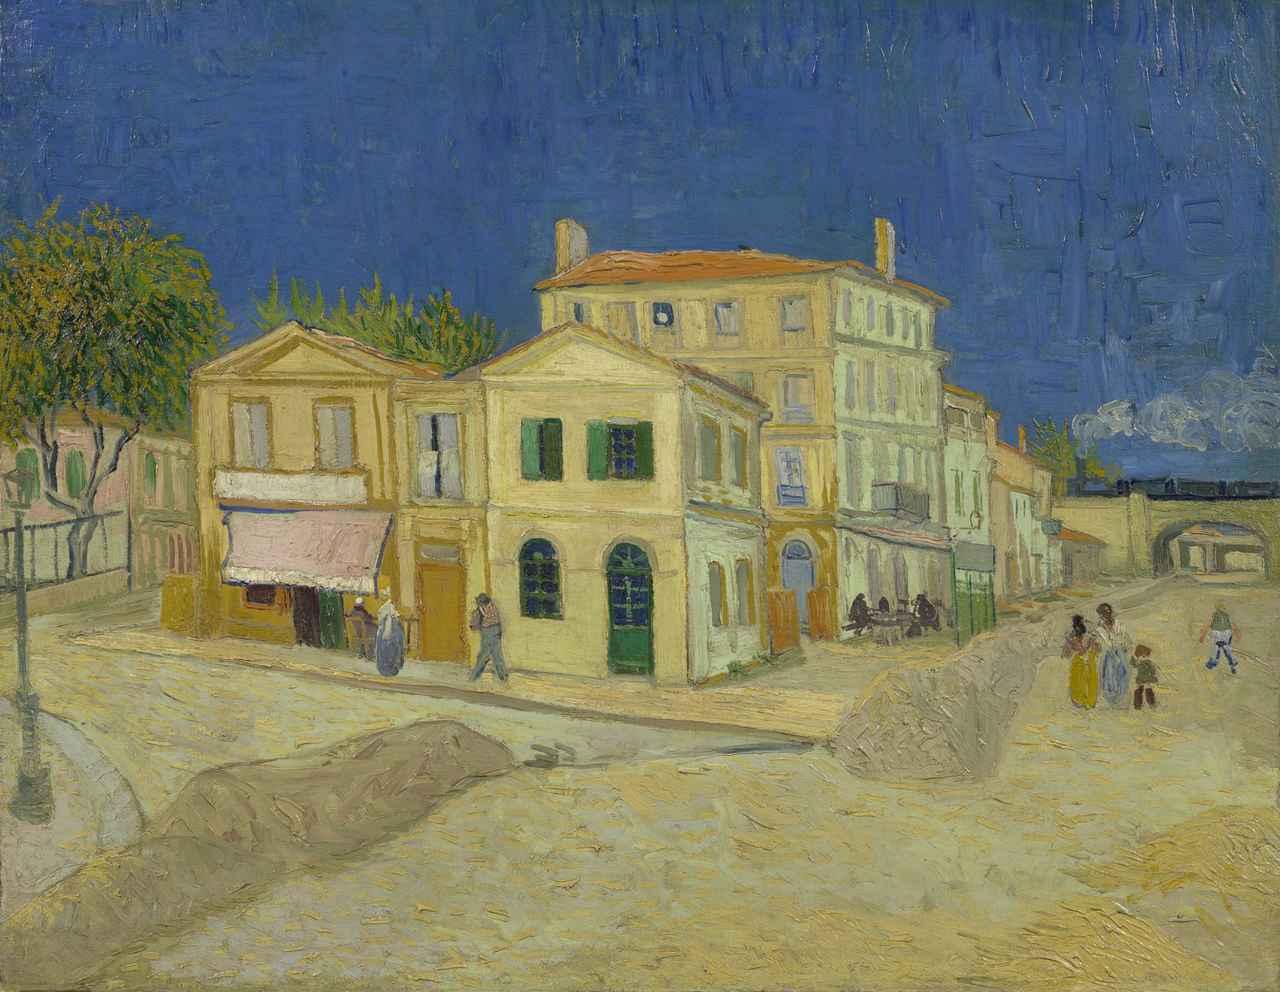 画像: フィンセント・ファン・ゴッホ 《黄色い家(通り)》 1888年9月 油彩、カンヴァス 72×91.5cmファン・ゴッホ美術館(フィンセント・ファン・ゴッホ財団)蔵 ©Van Gogh Museum, Amsterdam(Vincent van Gogh Foundation)